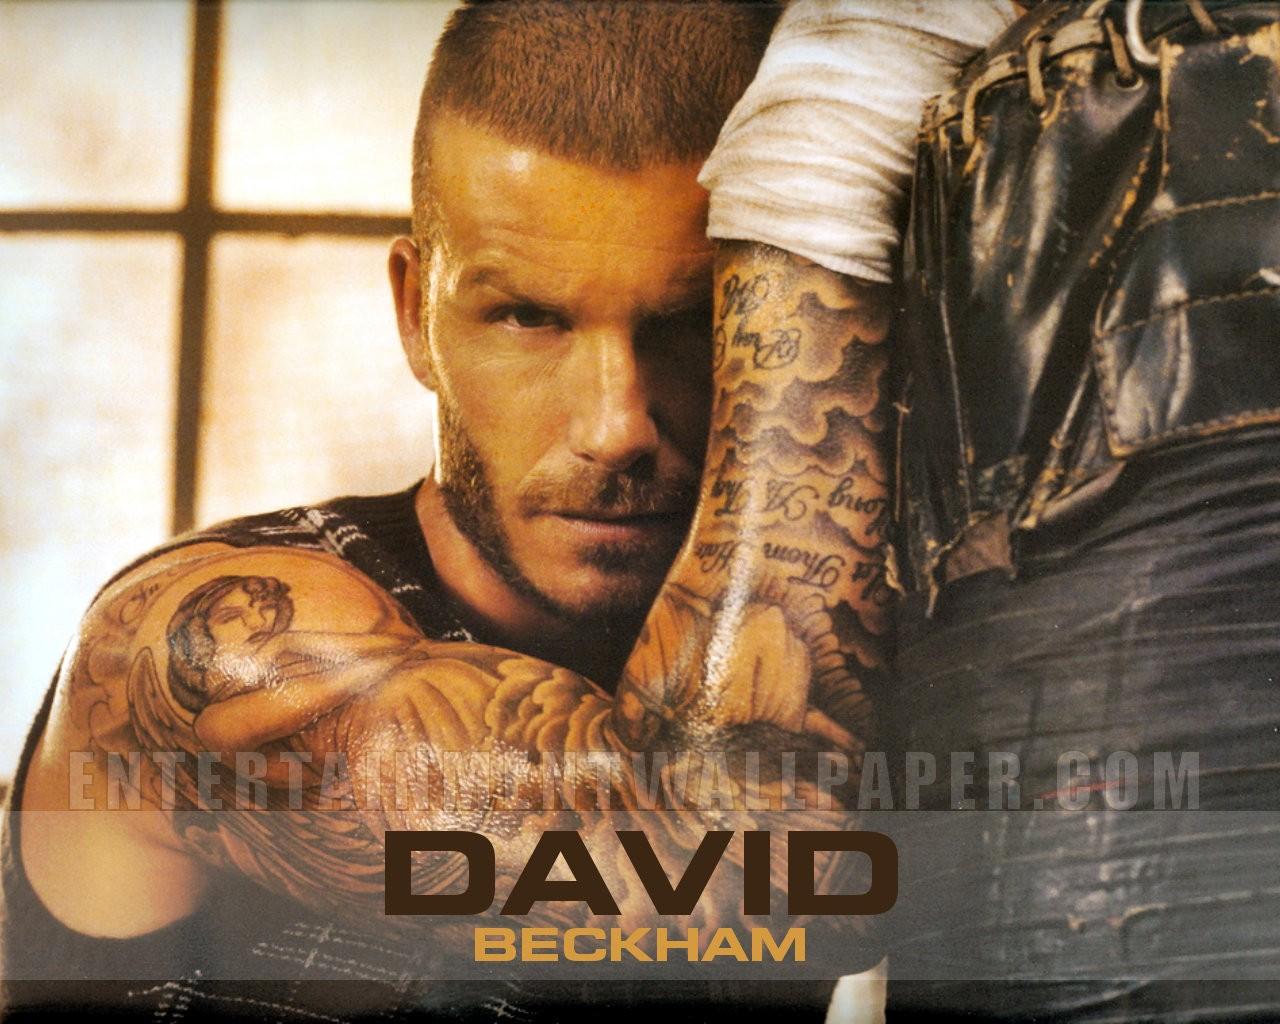 http://3.bp.blogspot.com/--eGIy3KWnVM/UCDPNS47i8I/AAAAAAAABbs/ExdzxaVEvMc/s1600/David+Beckham+Tattoo+Wallpaper+2012.jpg